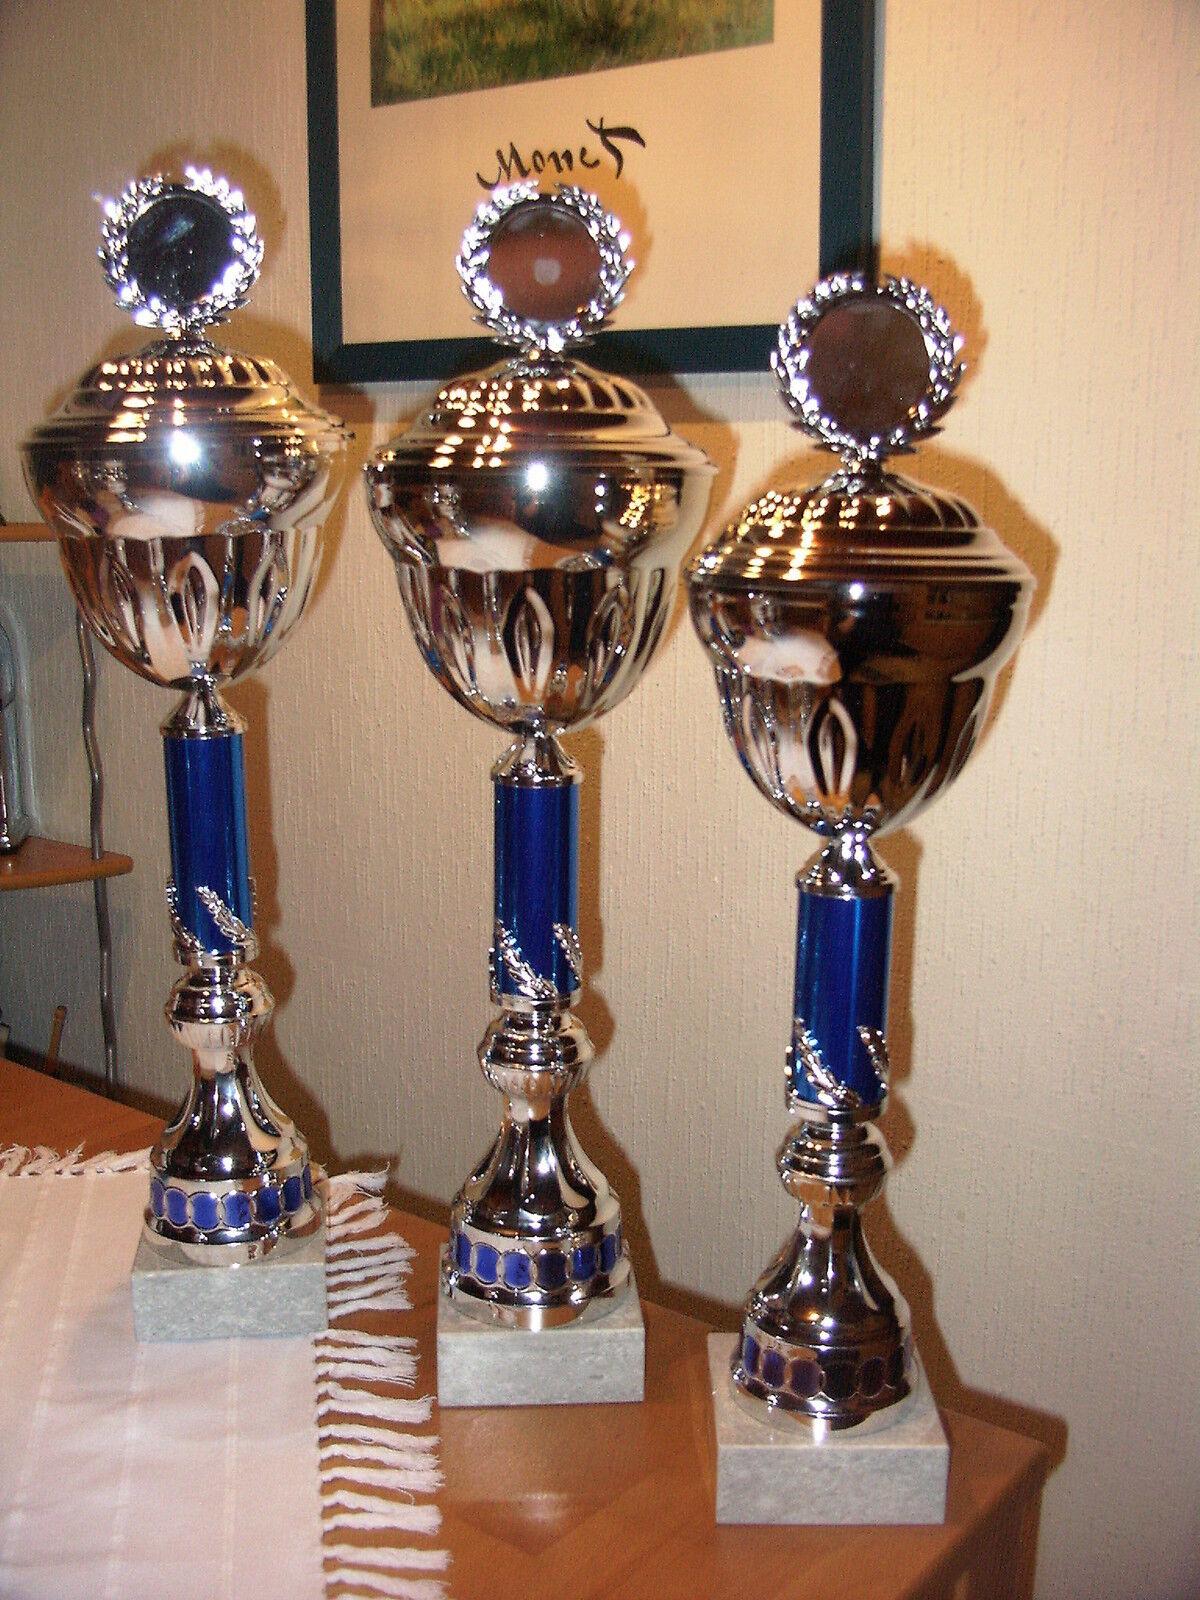 Große Pokale 3er Serie 58 56 54 cm auf wunsch auch gerne größer